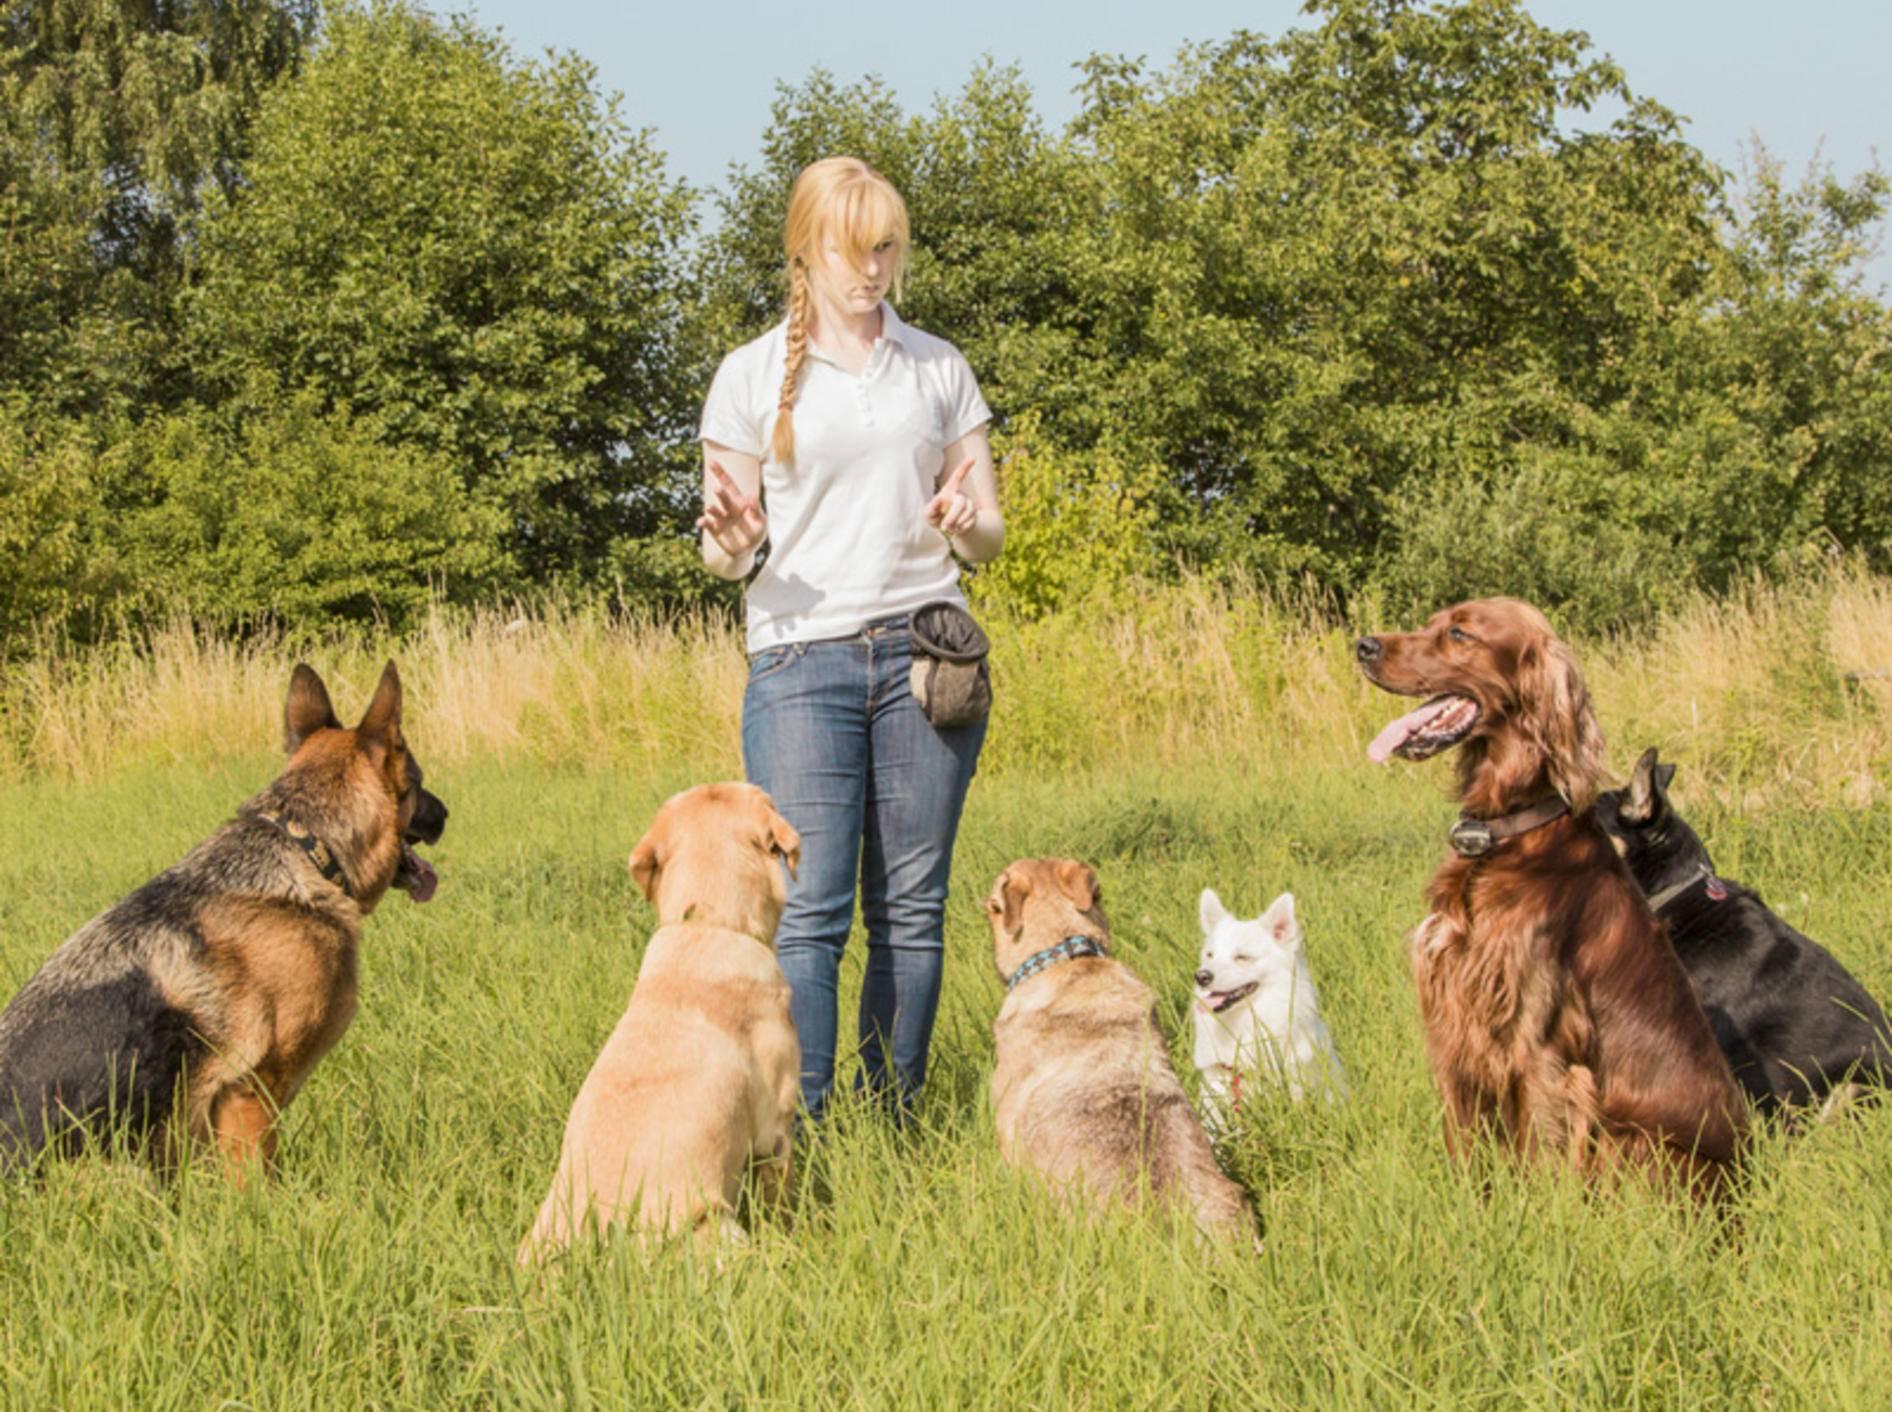 Die Kompetenz des Trainers sollte ein wichtiges Kriterium bei der Auswahl der Hundeschule sein – Bild: Shutterstock / mezzotint